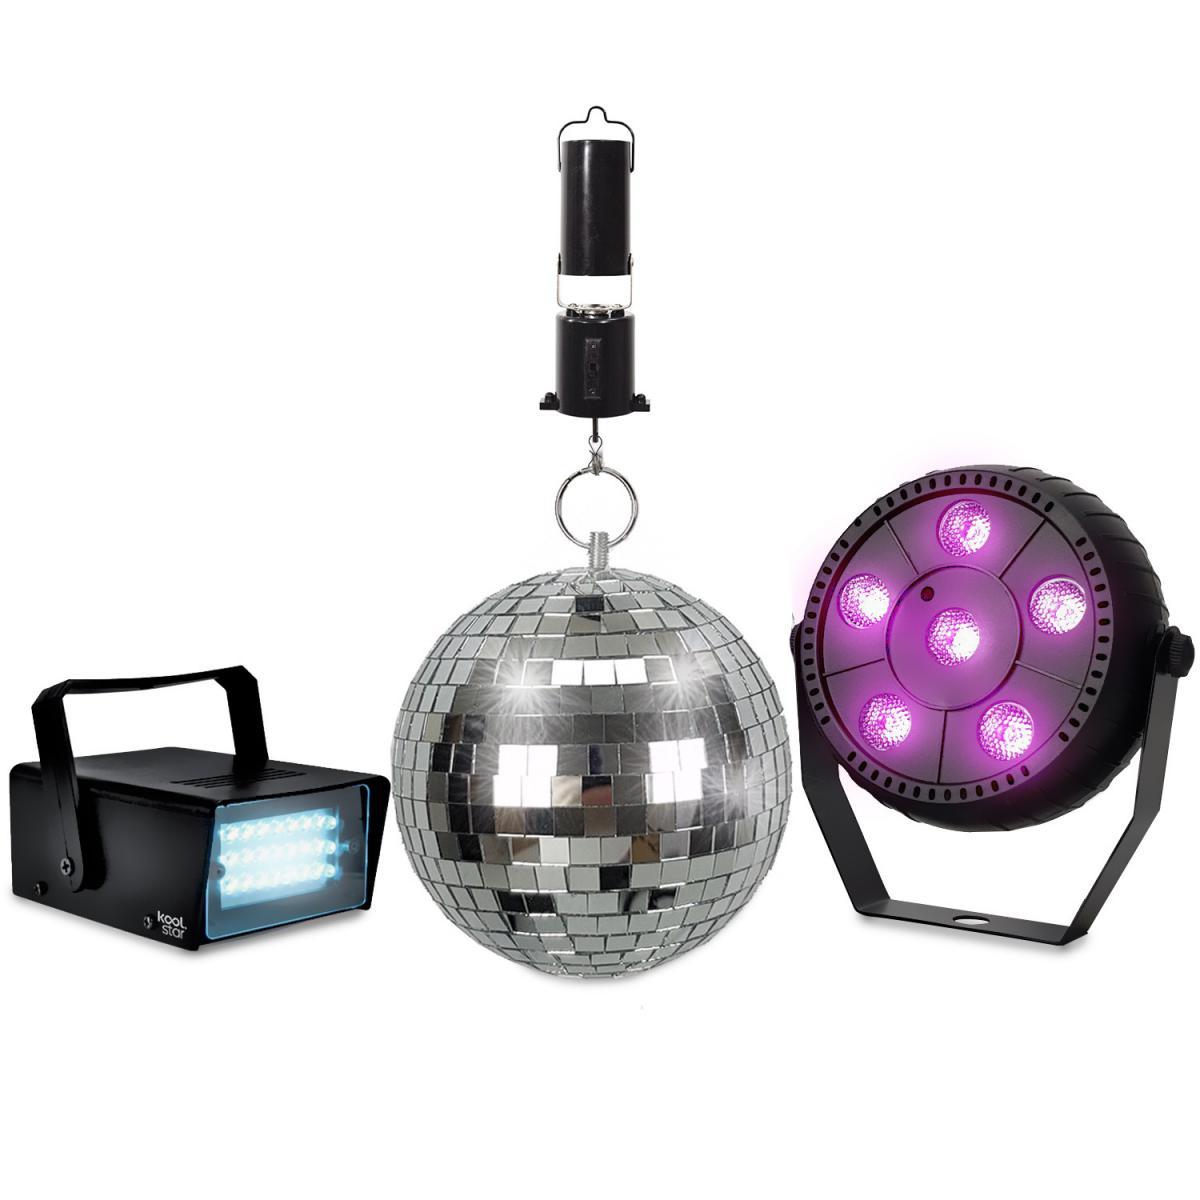 Koolstar Pack Jeux de lumlères KOOLSTAR PACKDISCO Mini Strobe 24 LED - PAR SLIM à 6 LED Full couleur - Boule à facettes 16cm 6 +